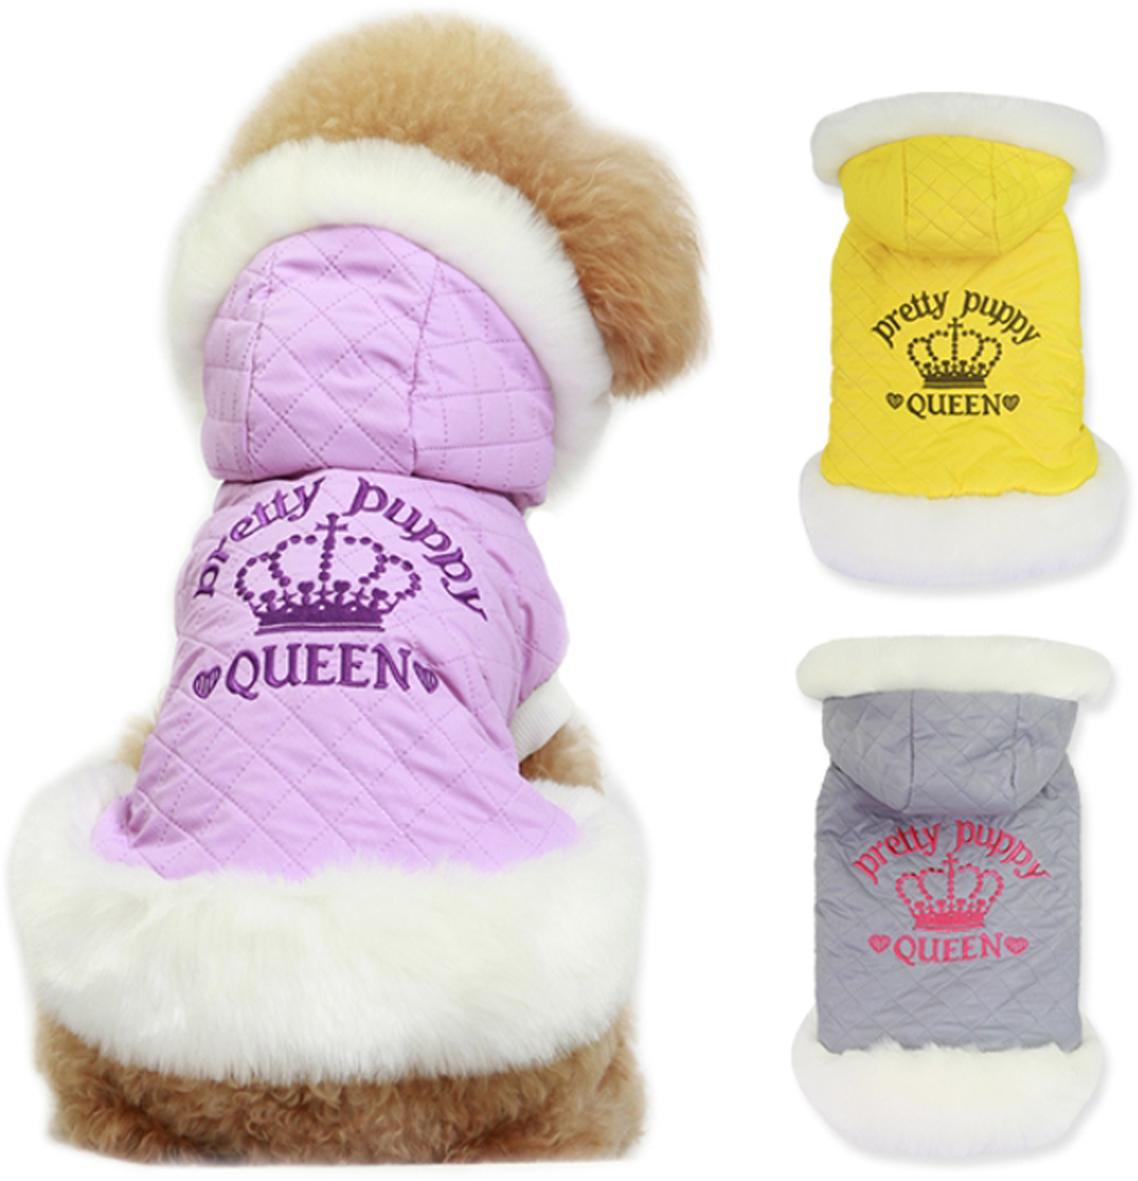 Куртка для собак Dobaz  Pretty Puppy , цвет: сиреневый. ДА14068АС. Размер S - Одежда, обувь, украшения - Одежда